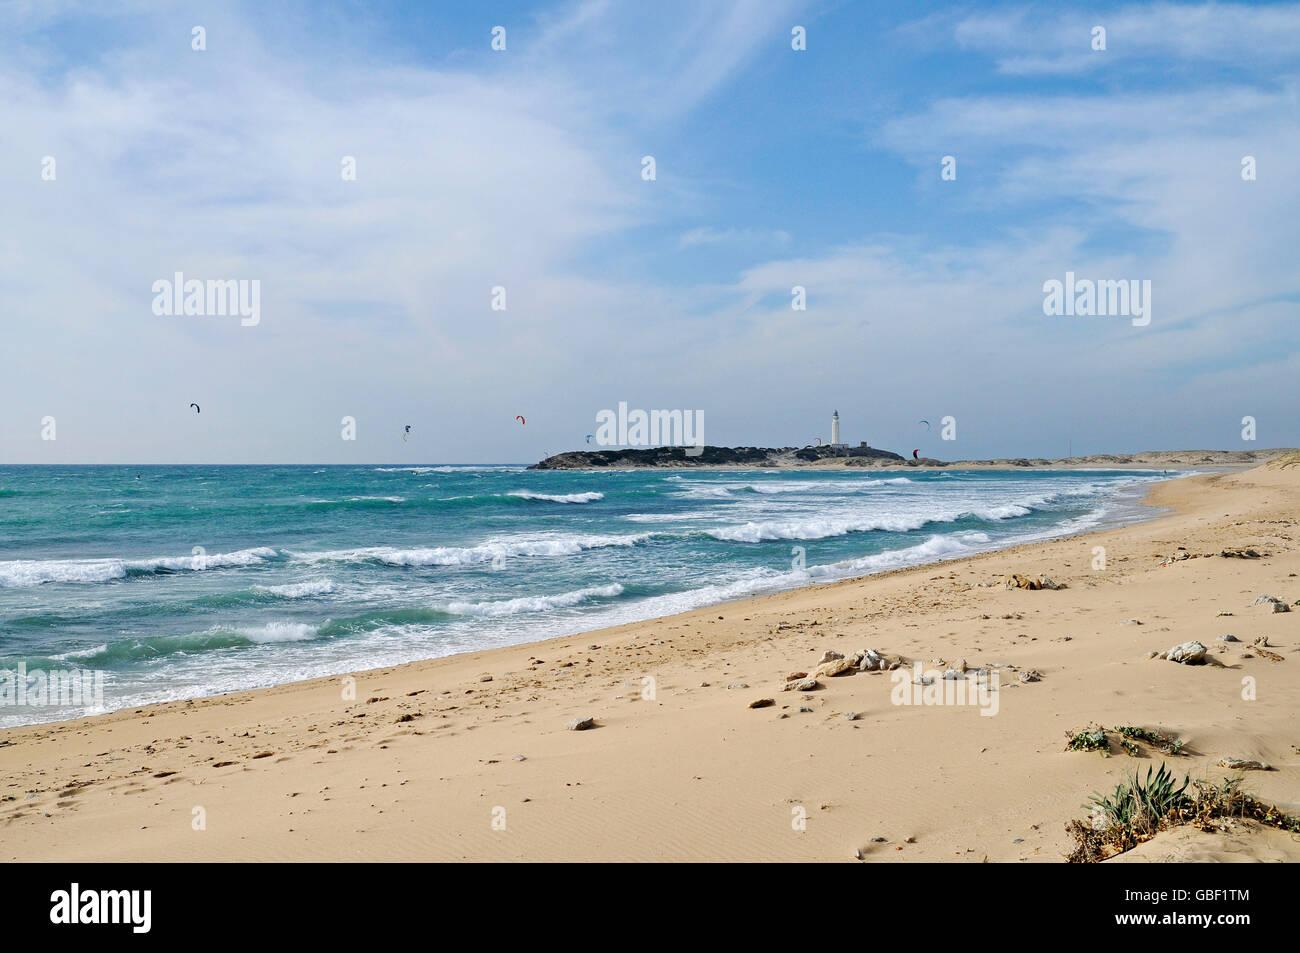 Playa de Canos de Meca, plage, kitesurfers, Cabo de Trafalgar à l'arrière, phare, Barbate, Province de Cadix, Andalousie, Costa de la Luz, Espagne, Europe Banque D'Images